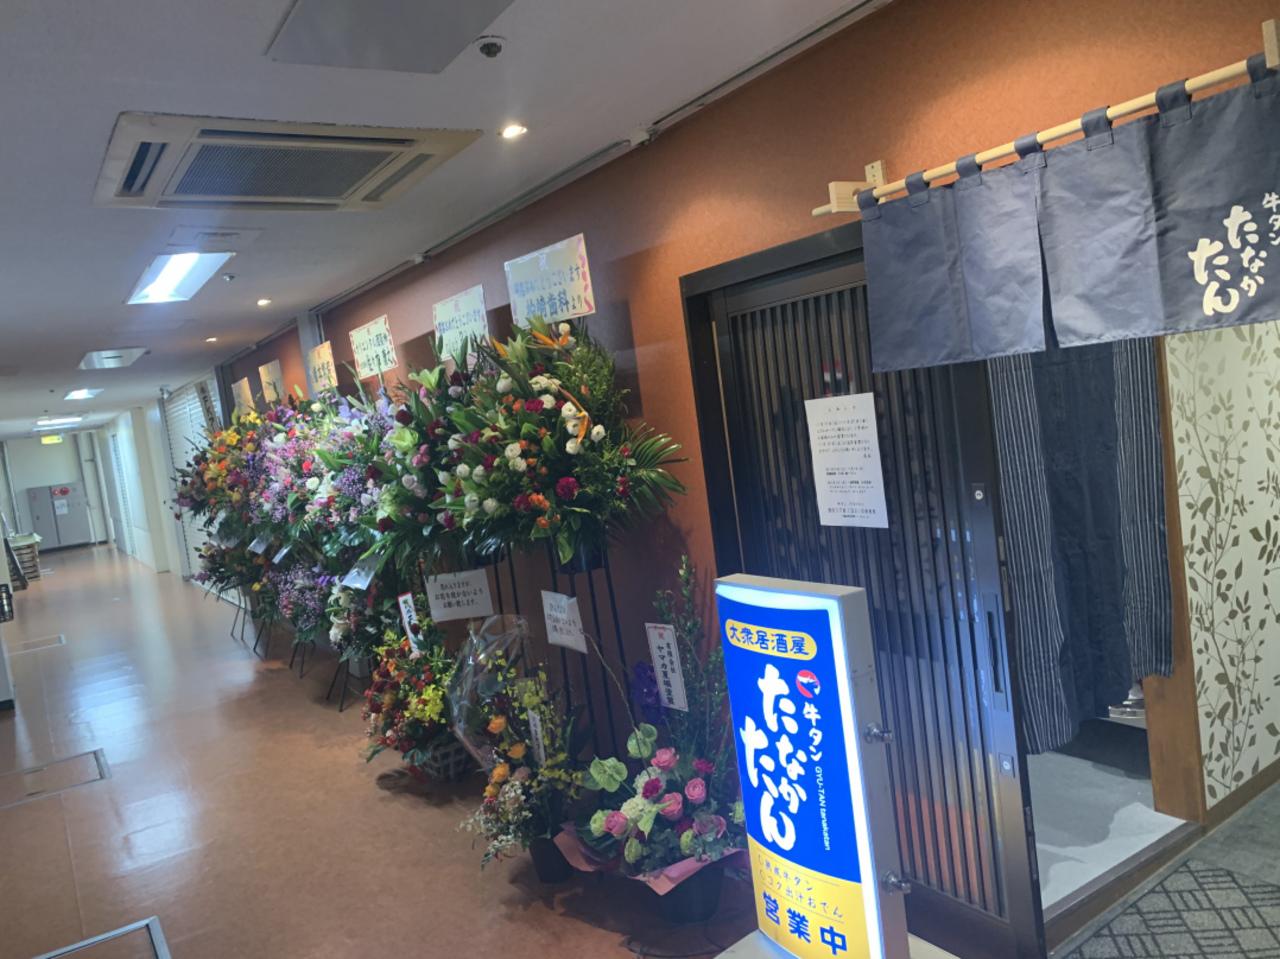 19.11.17〜プレオープン! 青森で牛タンが味わえる?! 青森県八戸市 「牛タン たなかたん」